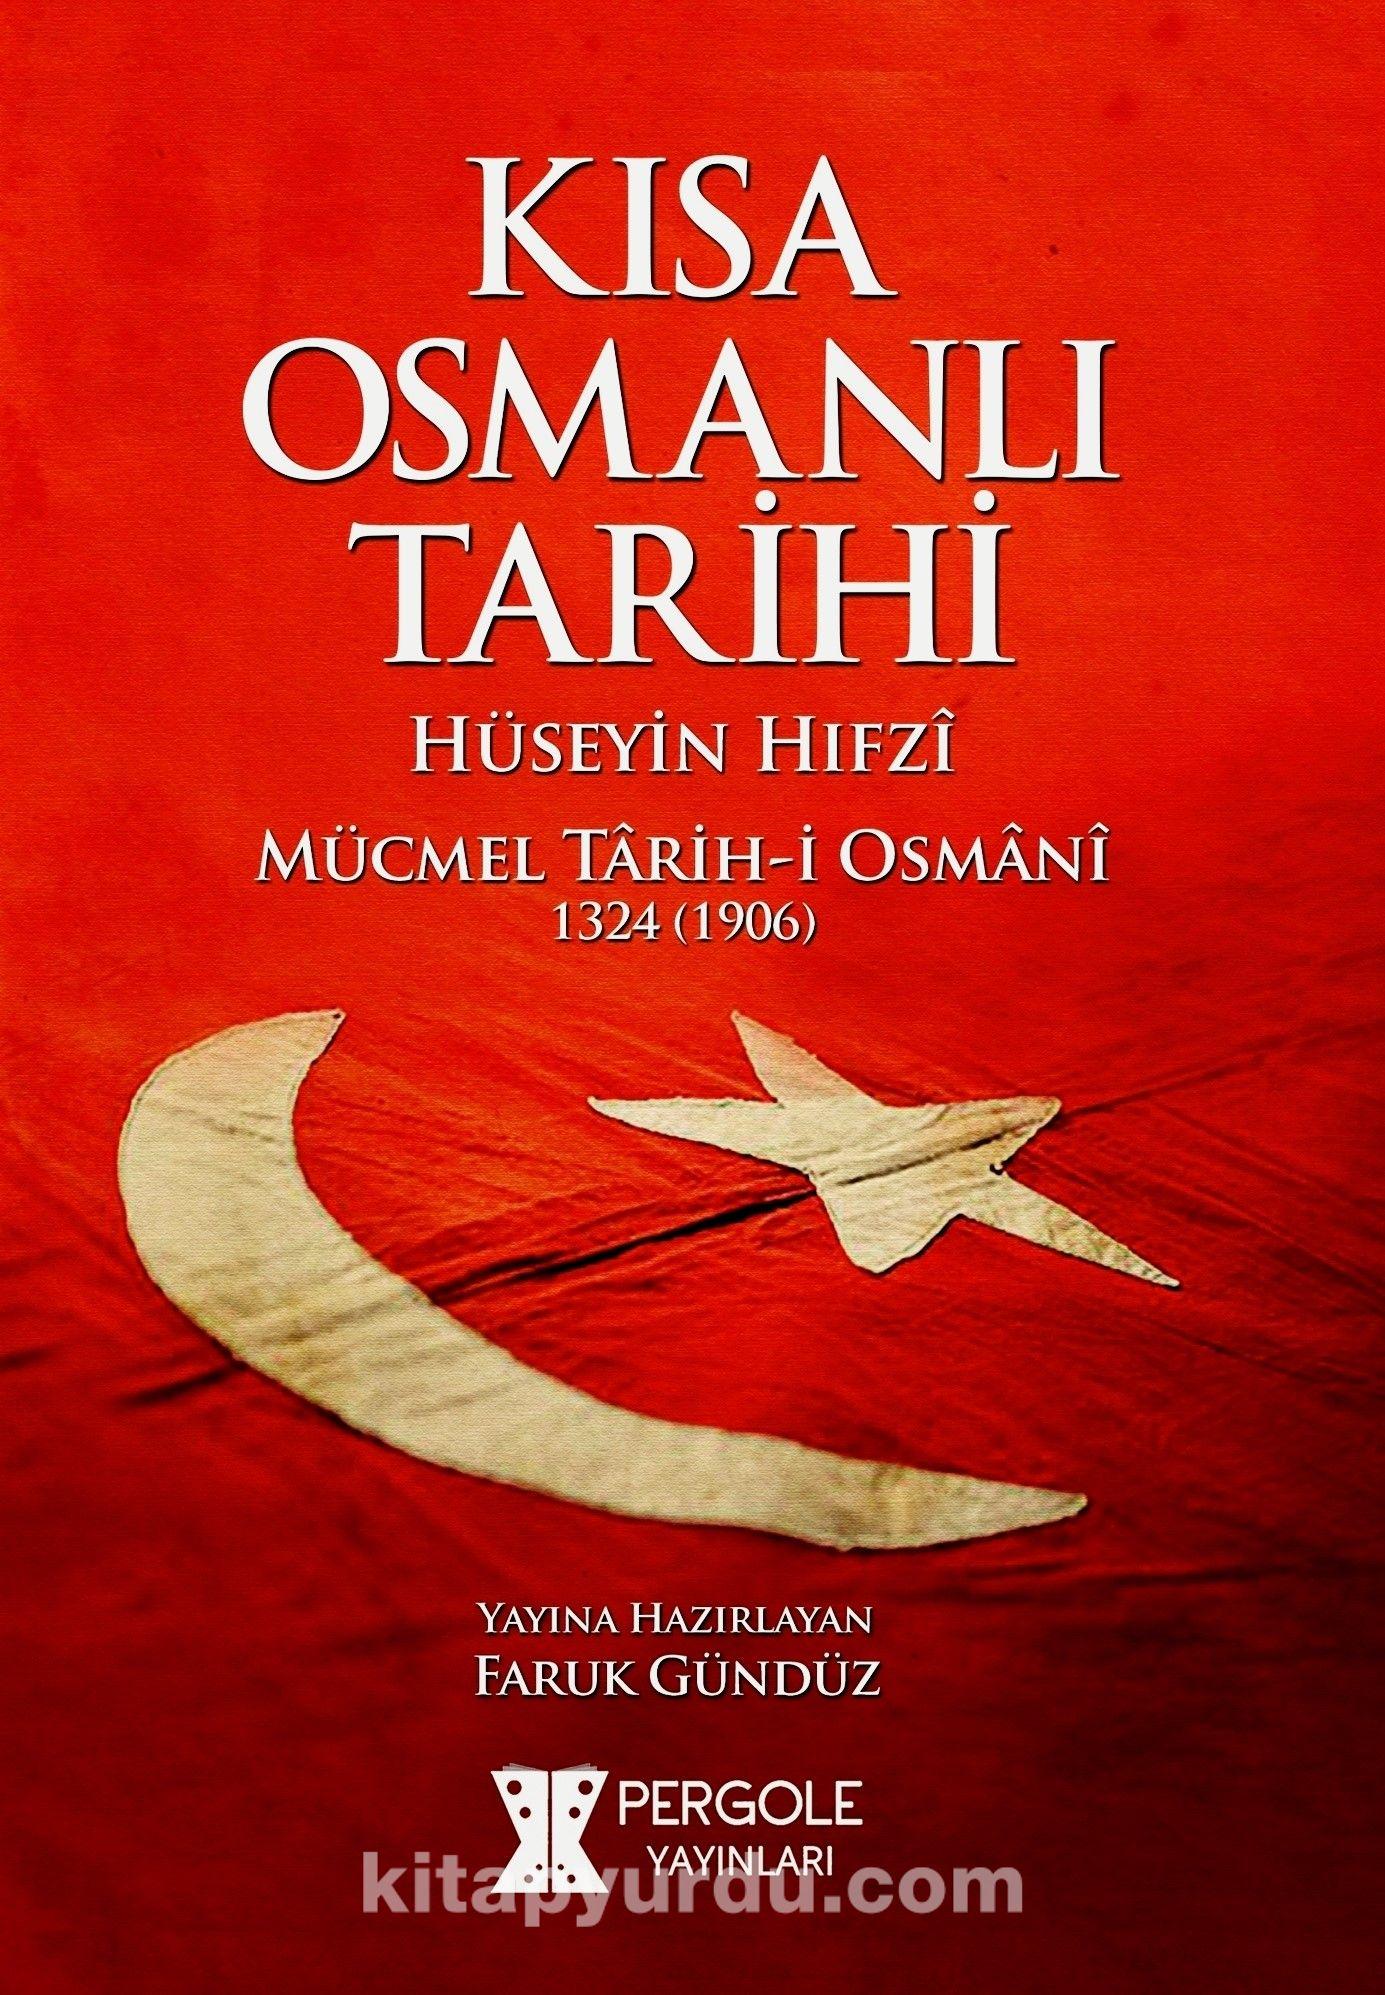 Kısa Osmanlı Tarihi - Hüseyin Hıfzi pdf epub